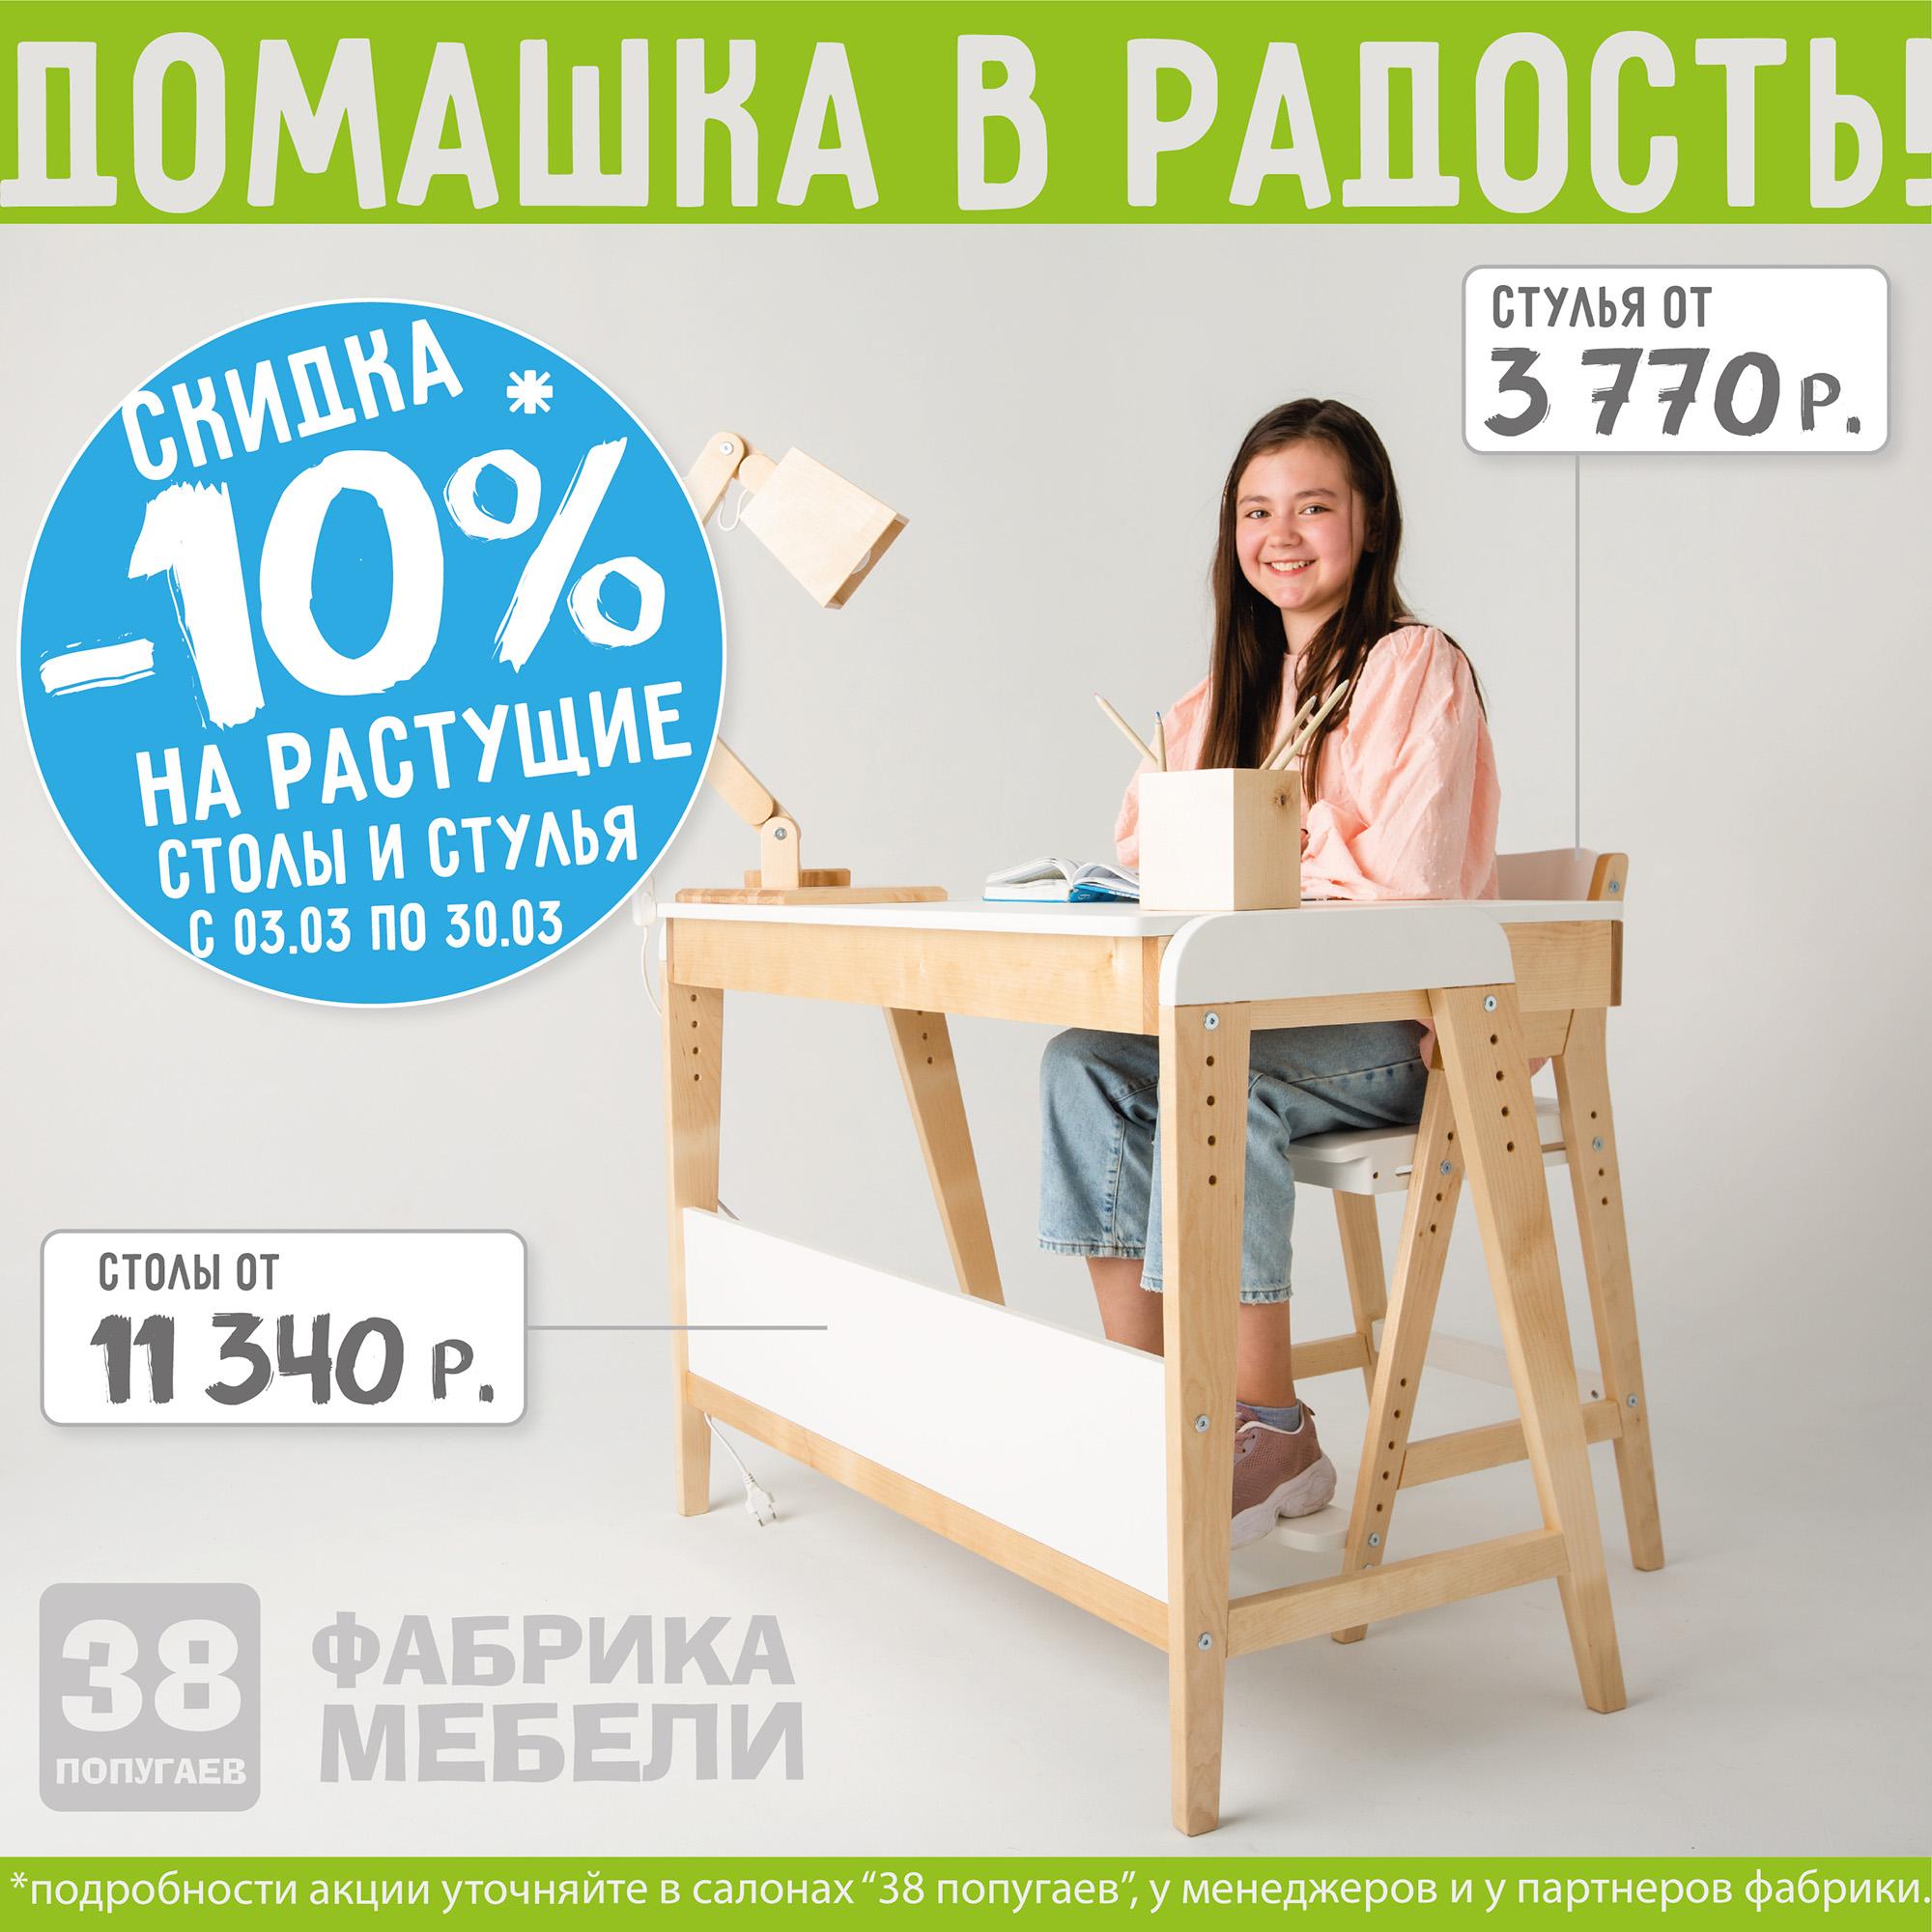 http://online-magazin-mebeli.ru/images/upload/1_2000_.jpg